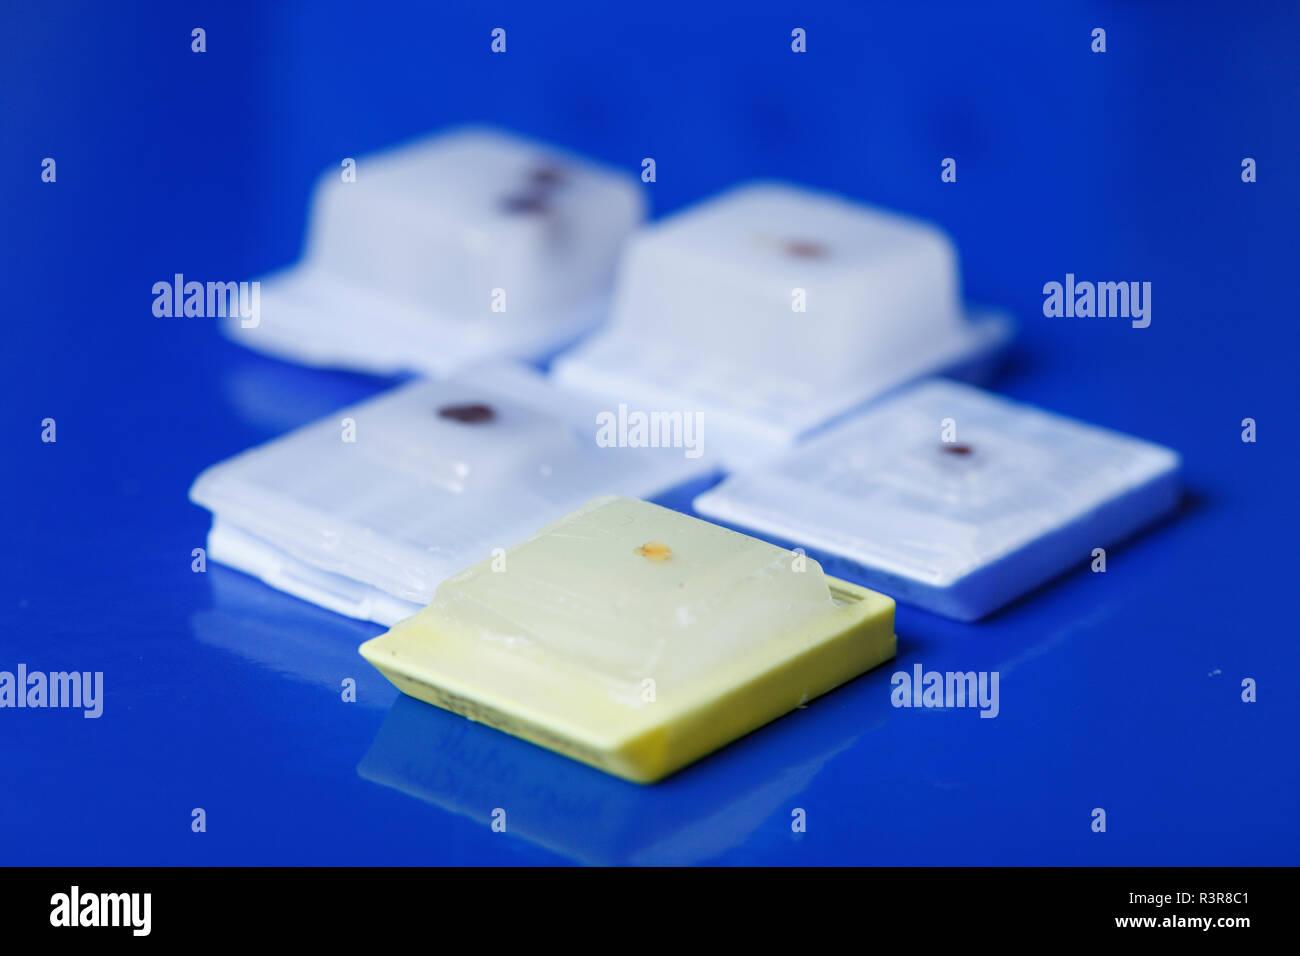 Campioni di microscopia incorporati in paraffina. Immagini Stock